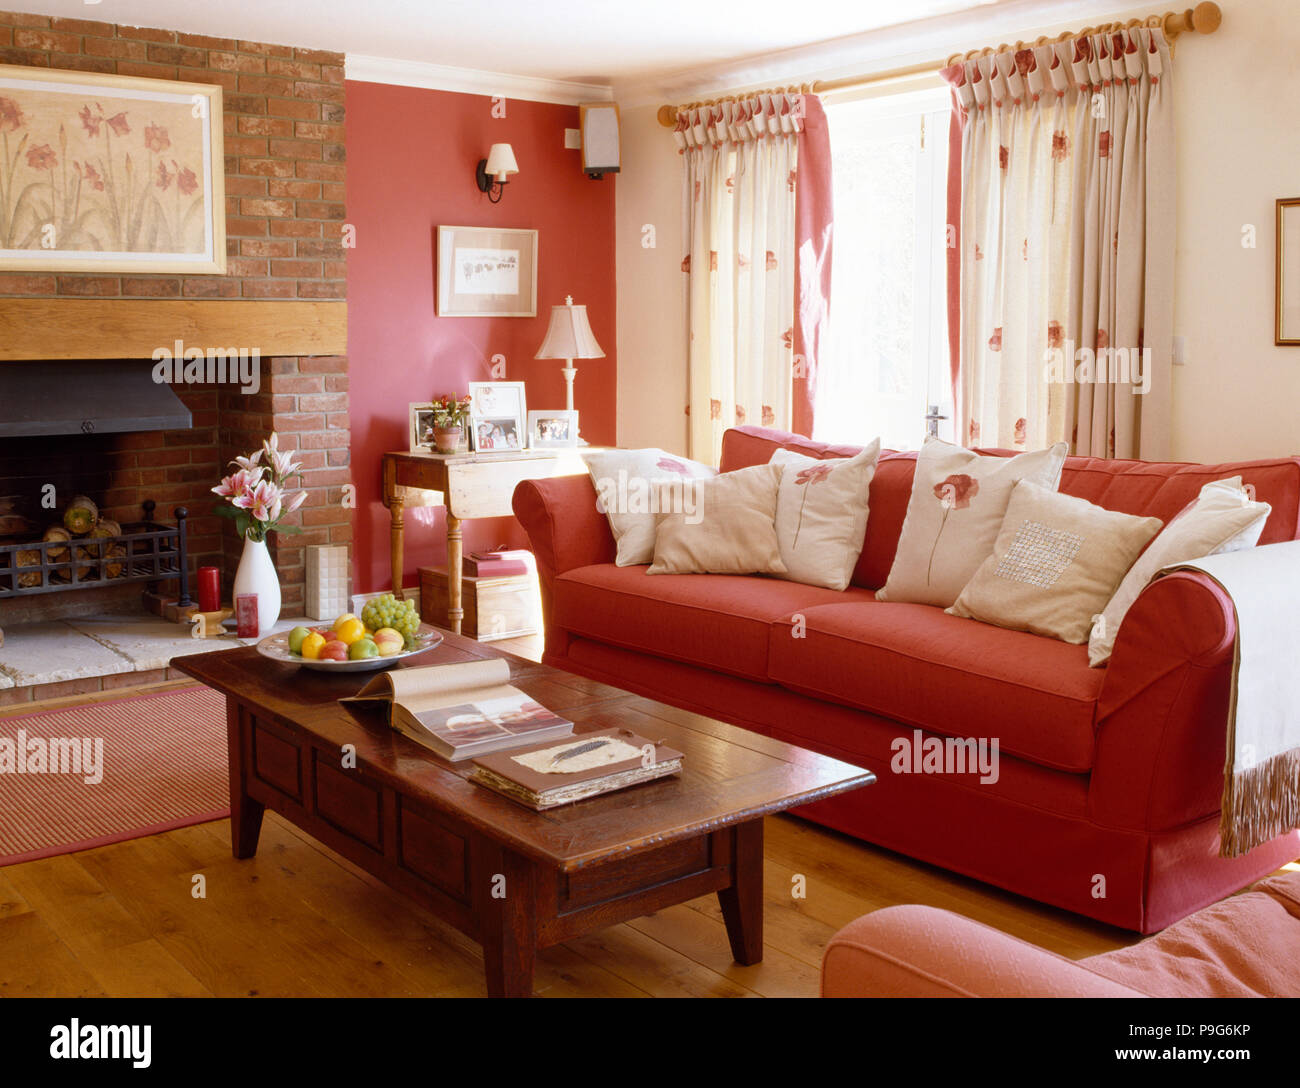 Table basse en bois et rouge canap avec coussins blancs dans un pays salon avec un mur rouge - Mur rouge salon ...